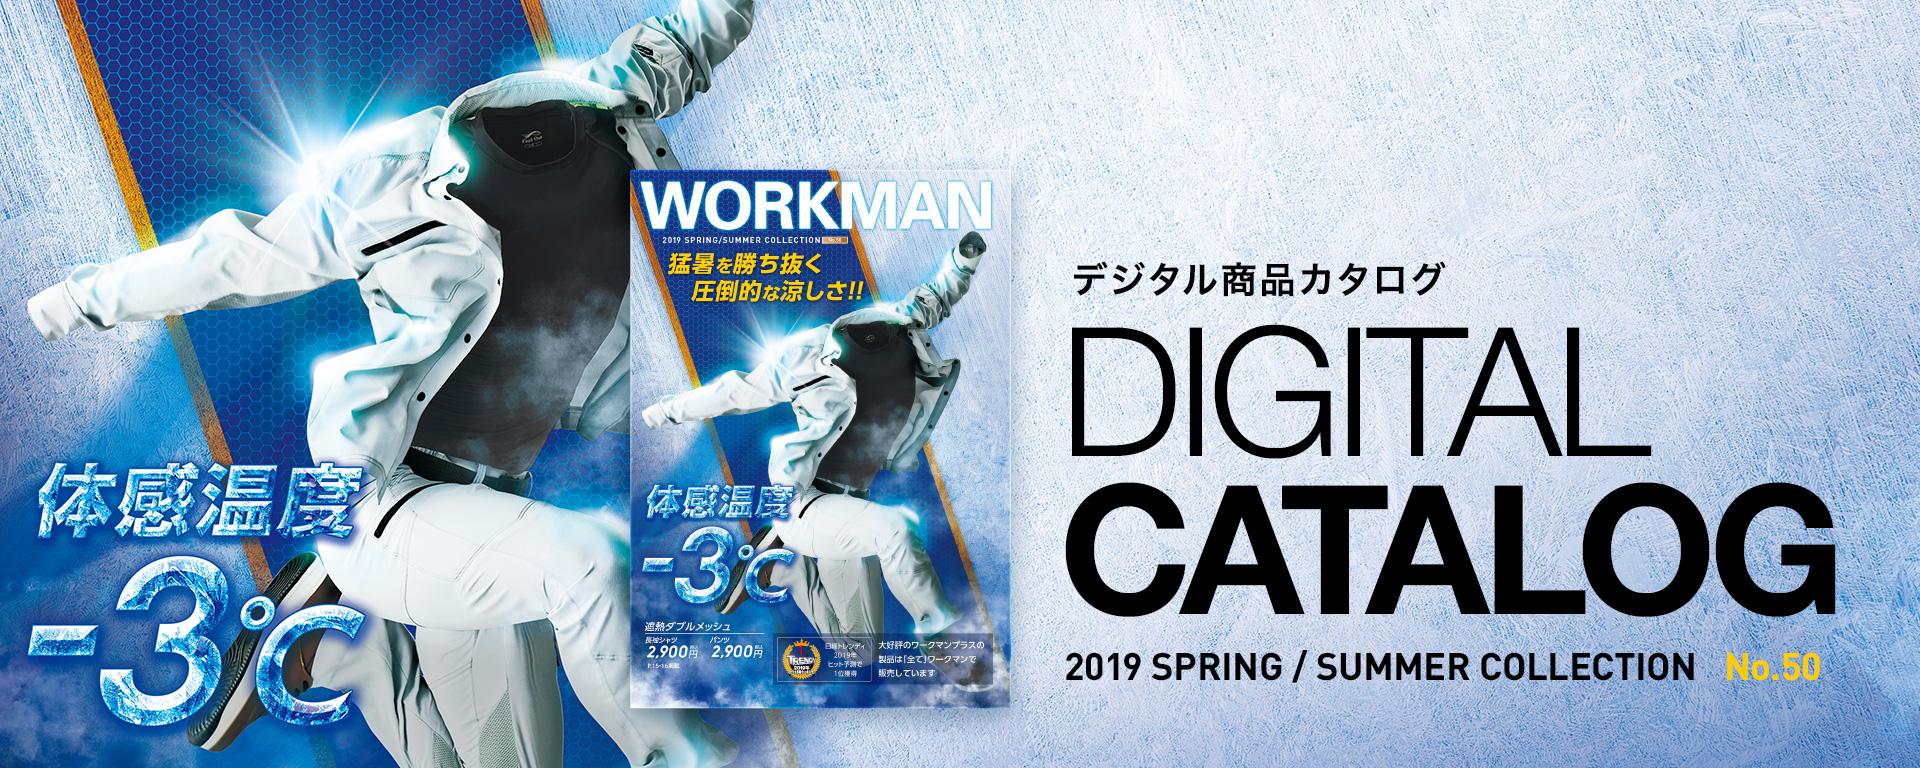 ワークマンデジタル商品カタログ 2019 SPRING/SUMMER COLLECTION No.50